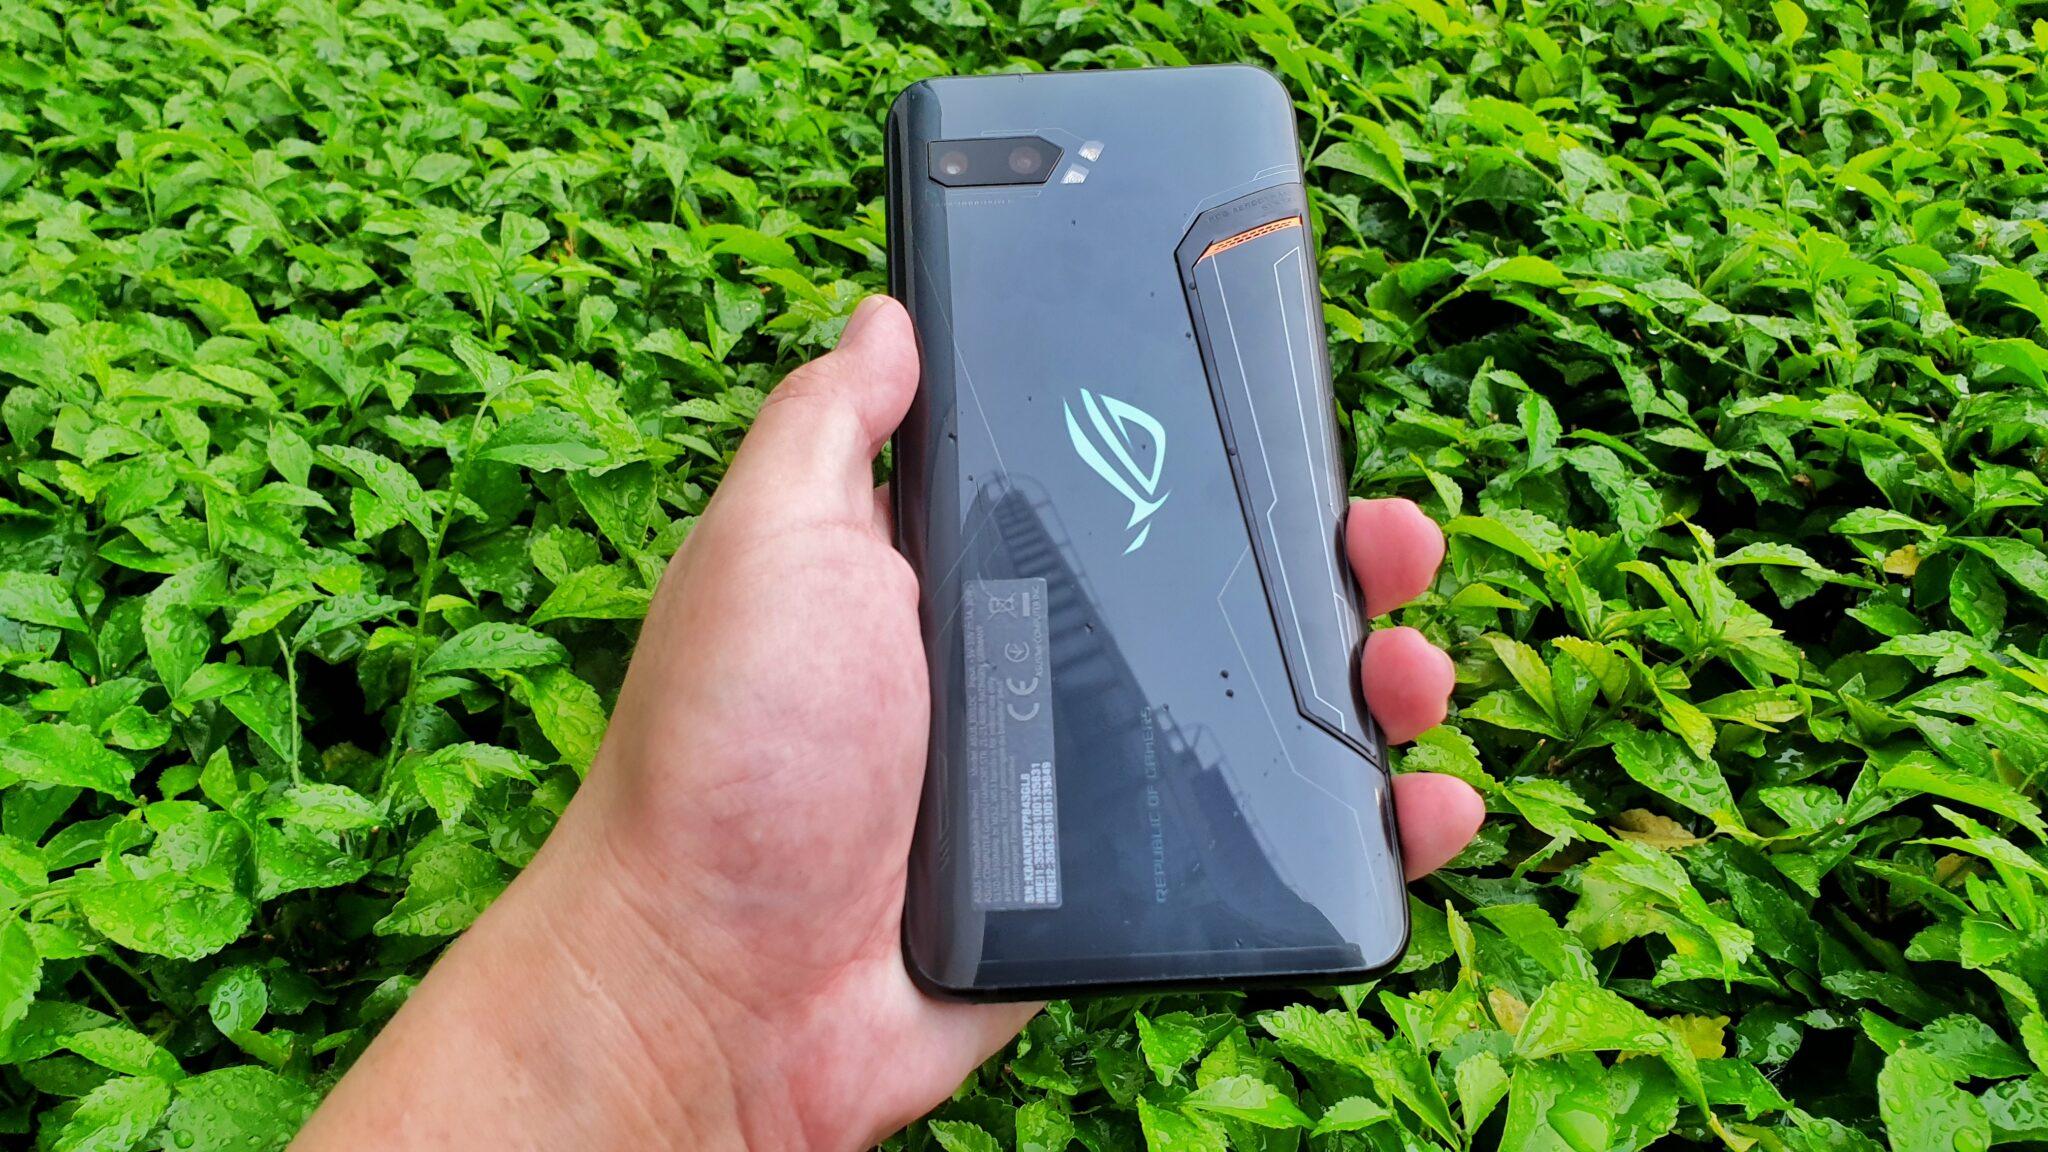 ROG Phone 2 or ROG Phone II